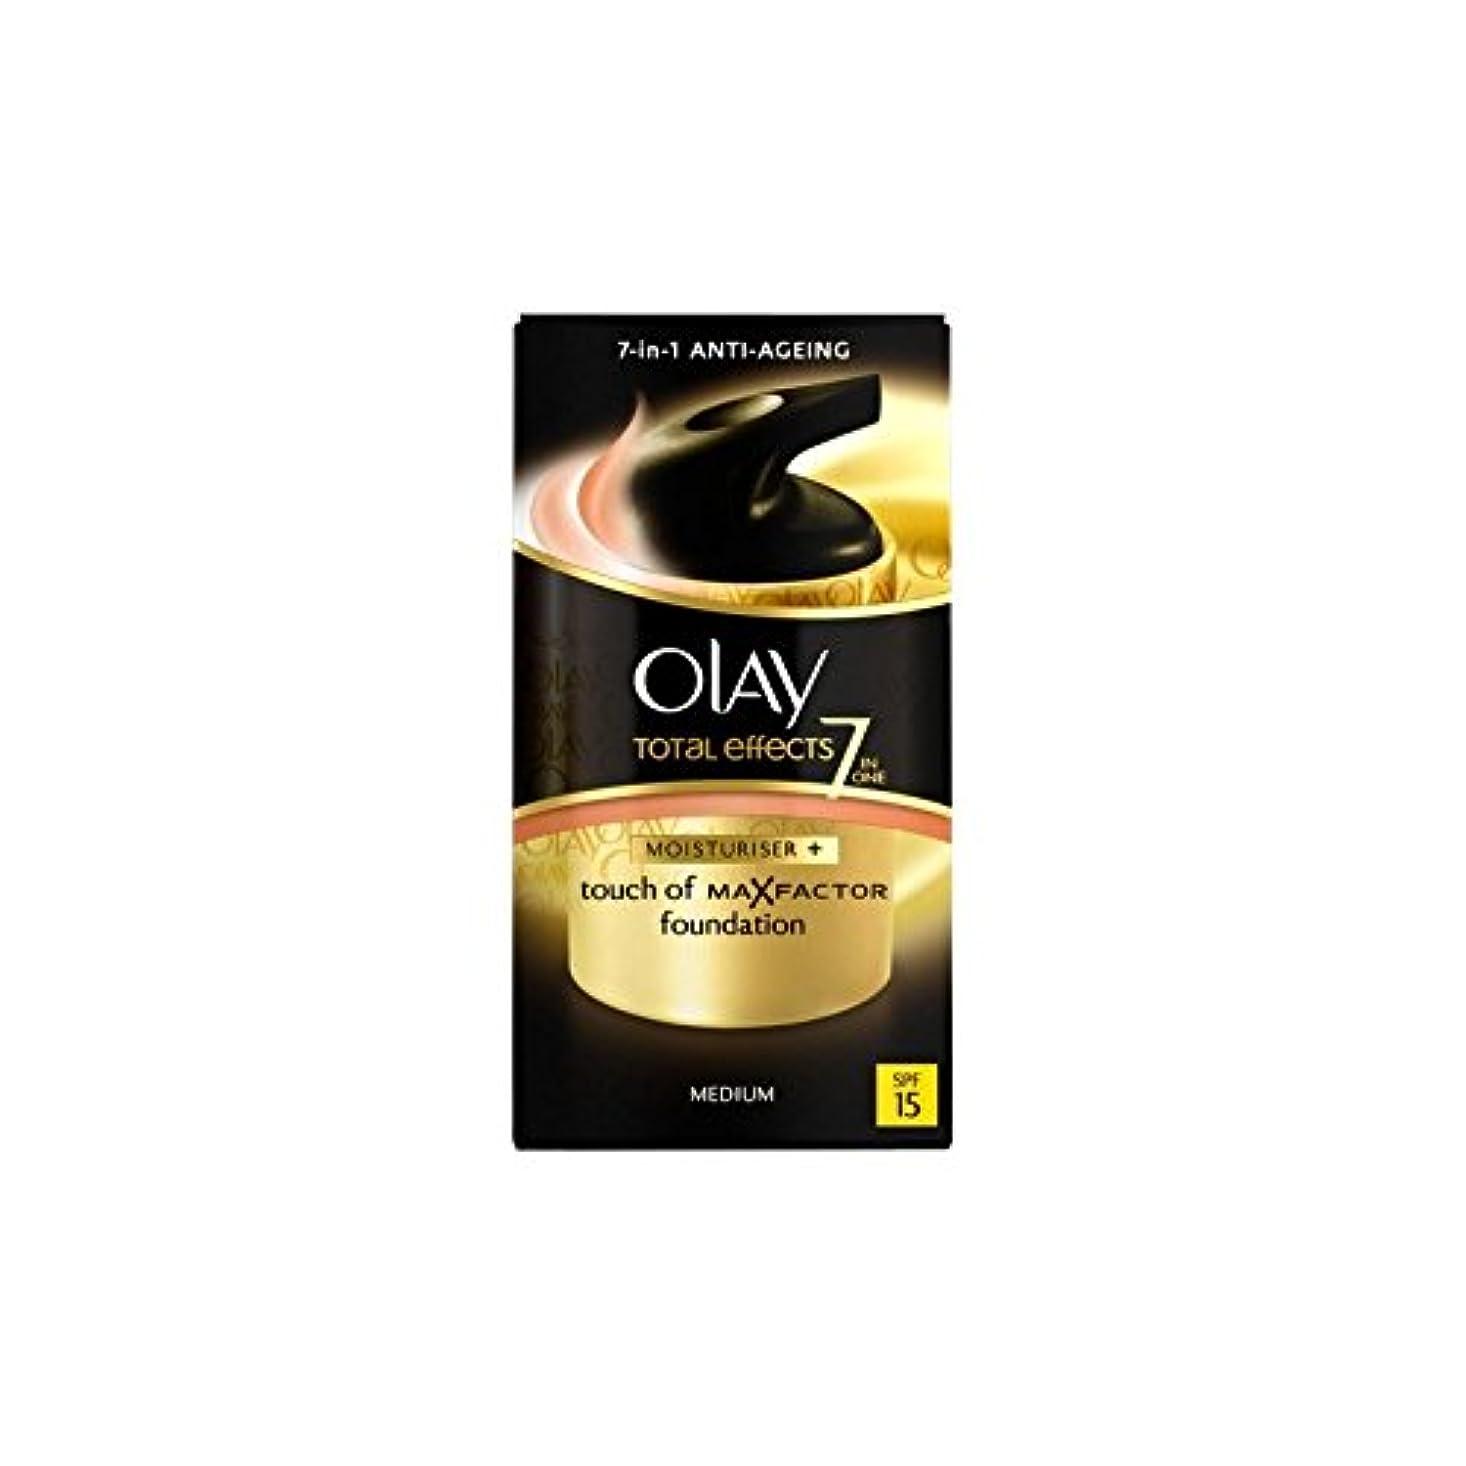 過剰そばに浸したオーレイトータルエフェクト保湿クリーム15 - 培地(50ミリリットル) x4 - Olay Total Effects Moisturiser Bb Cream Spf15 - Medium (50ml) (Pack...